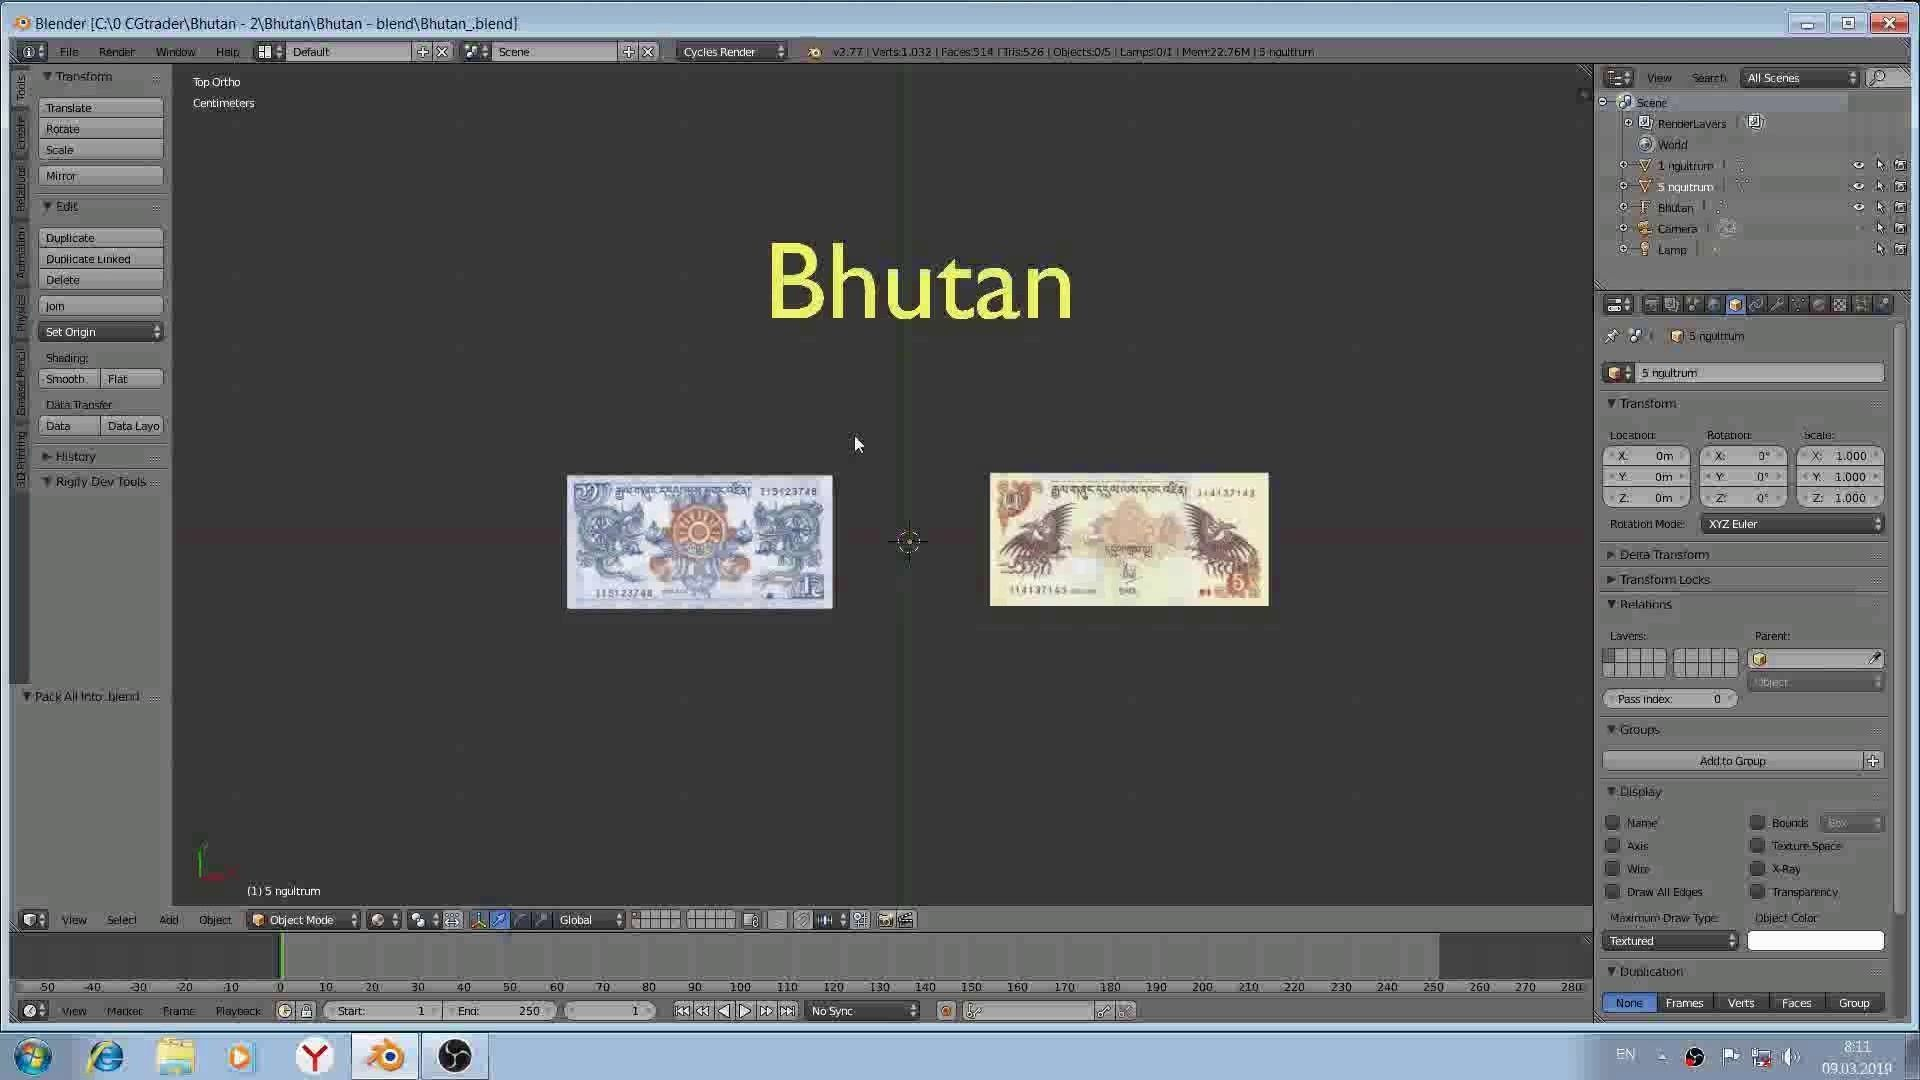 Paper-money of Bhutan